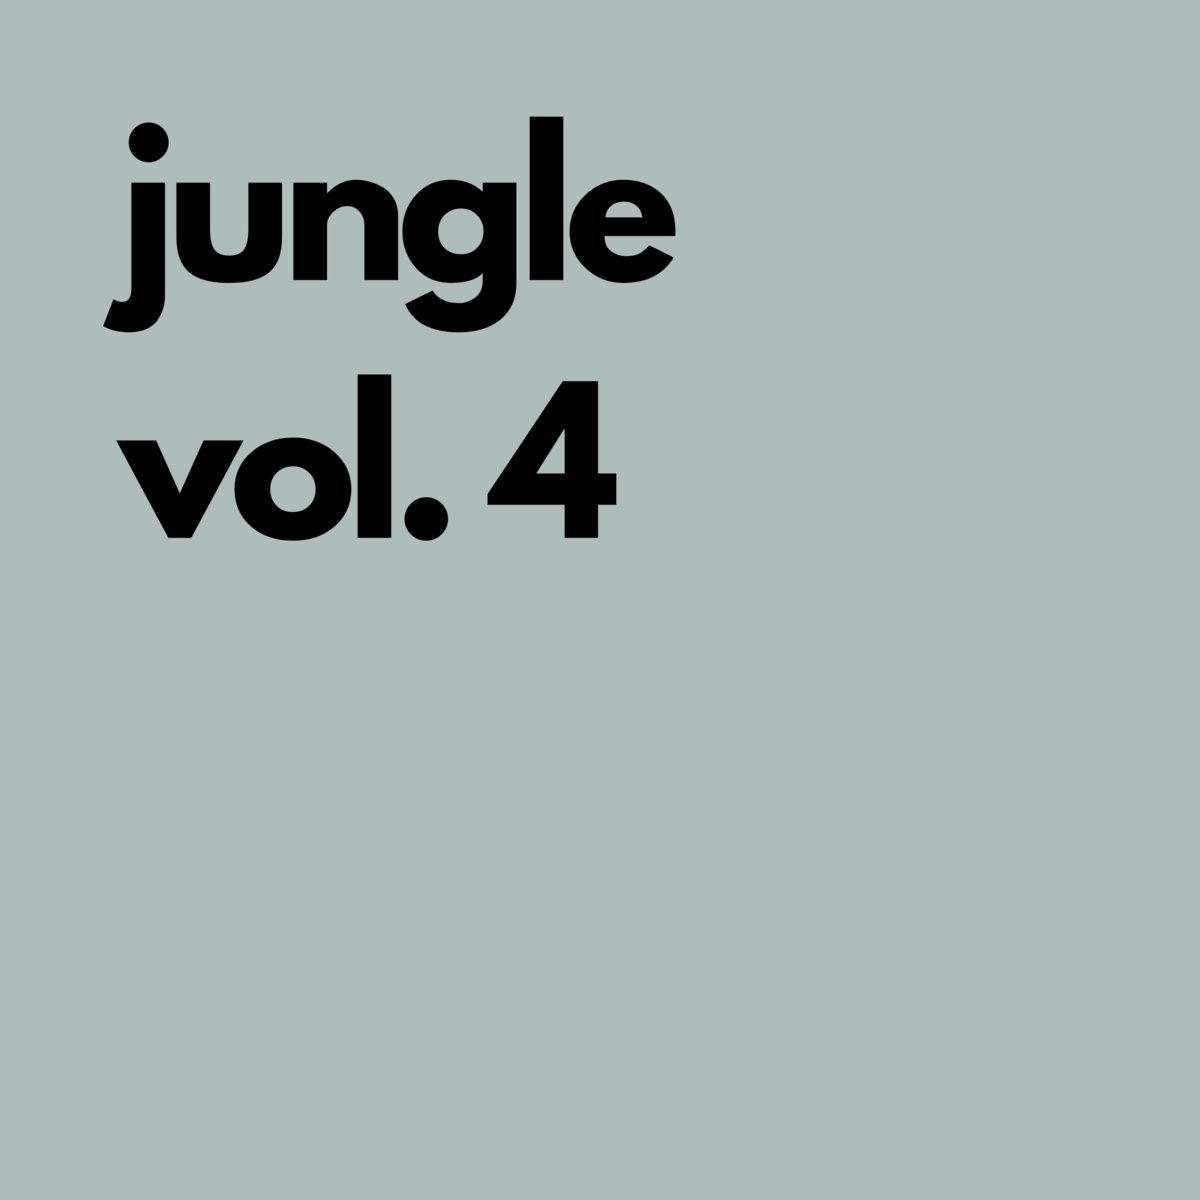 Jungle Vol 4 Tmsv